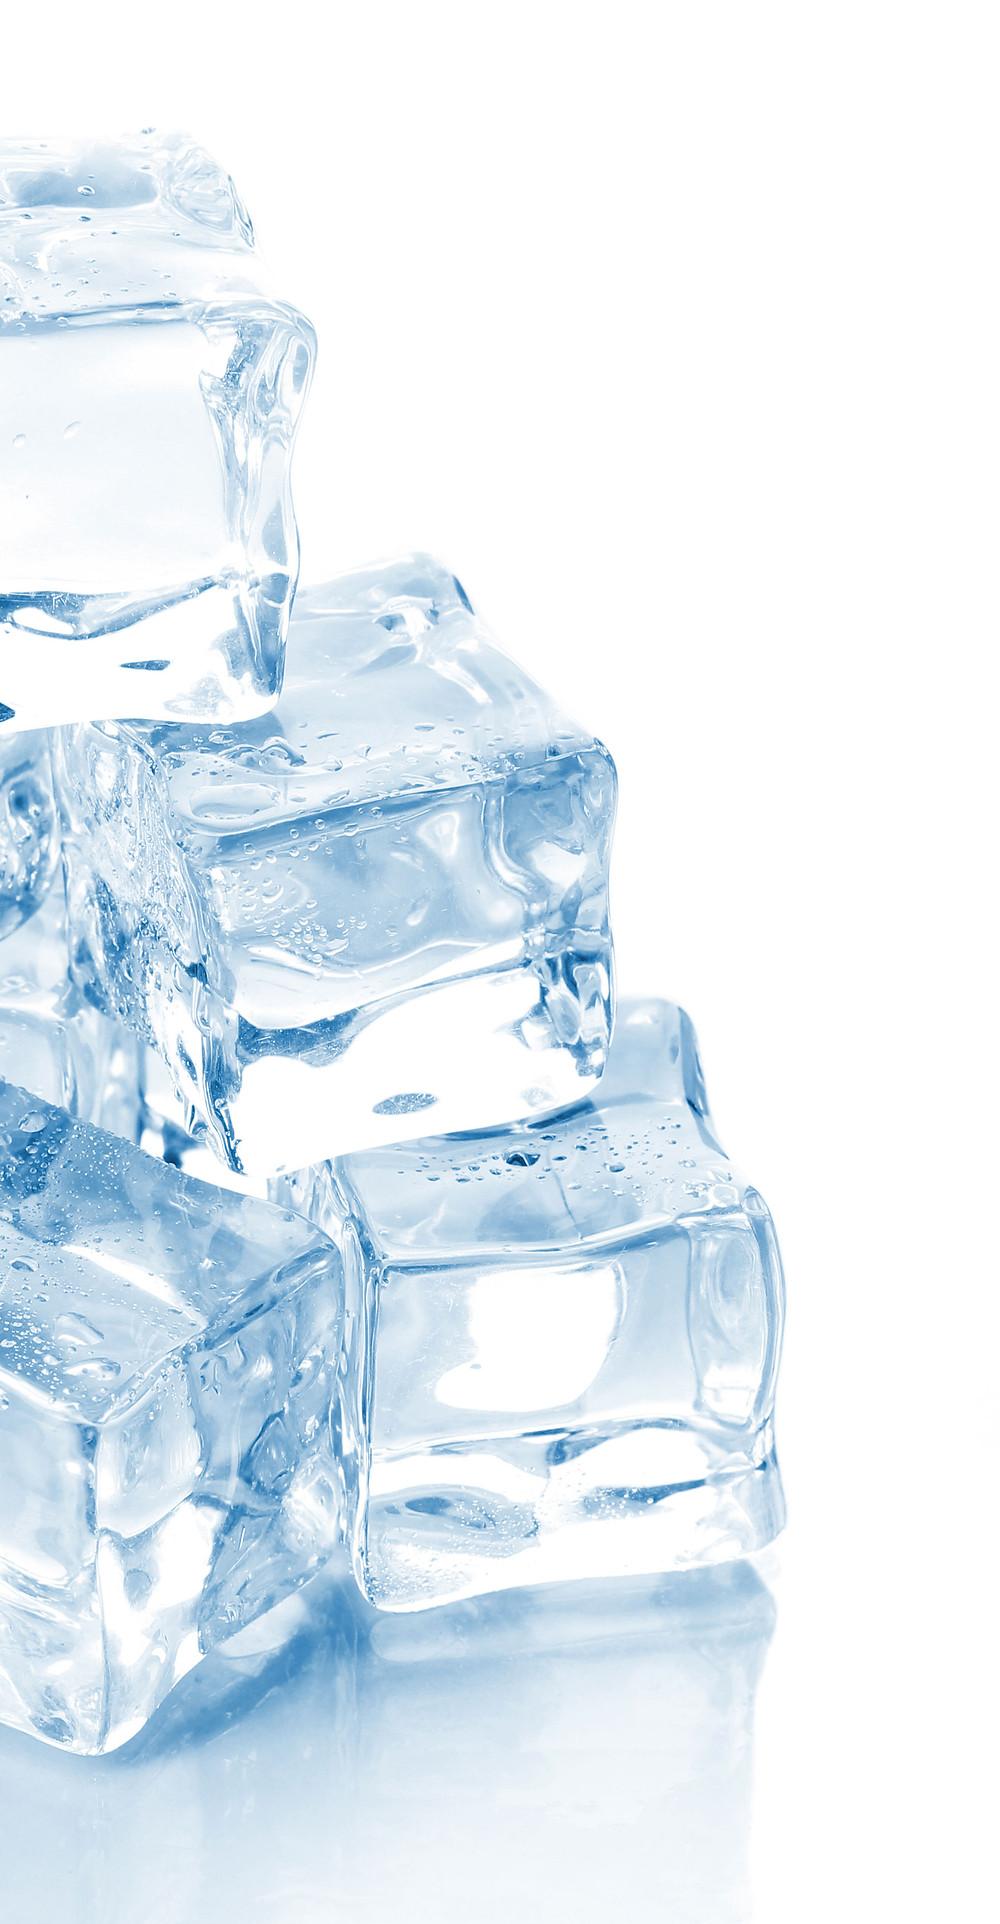 S hlajenjem lahko povzročimo celo ozebline, ki lahko vodijo v trajno poškodbo živcev.